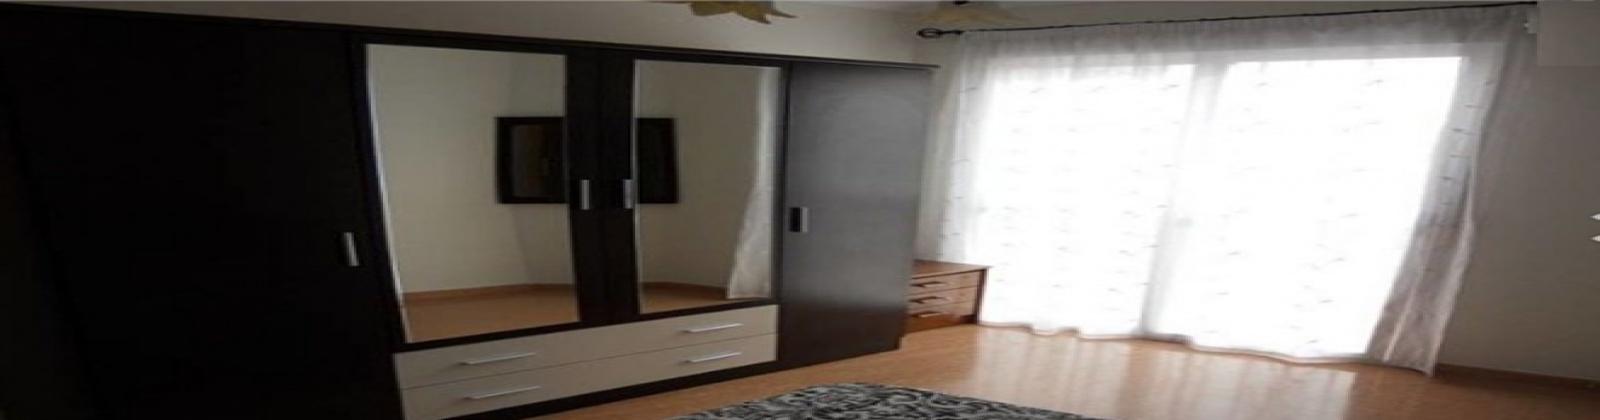 ELCHE, 03202, 2 Habitaciones Habitaciones, 1 Habitación Habitaciones,1 BañoBathrooms,Piso,En Alquiler,1006